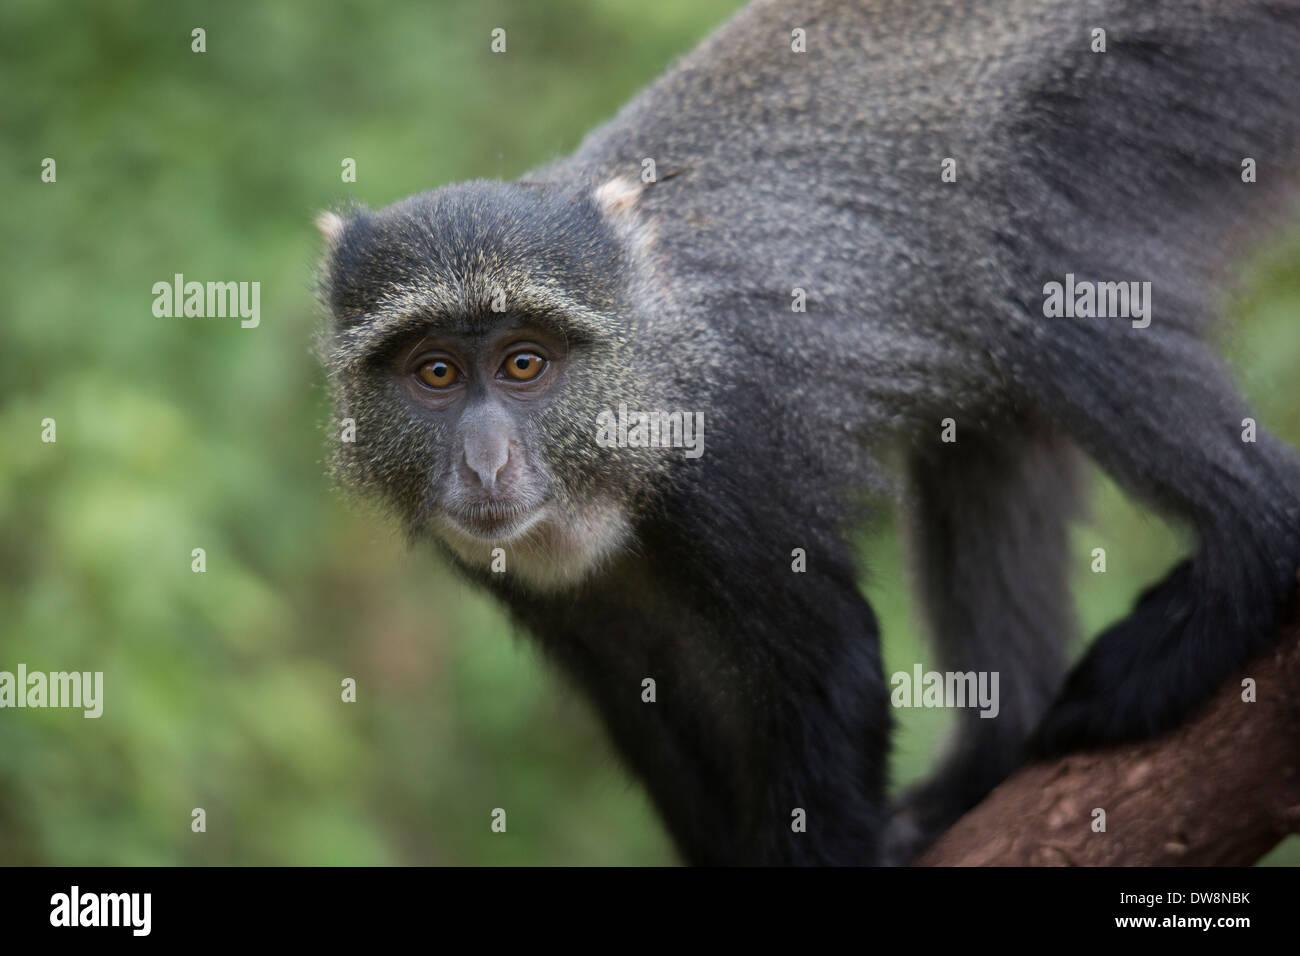 Wild monkey in Lake Manyara national park, Tanzania. - Stock Image